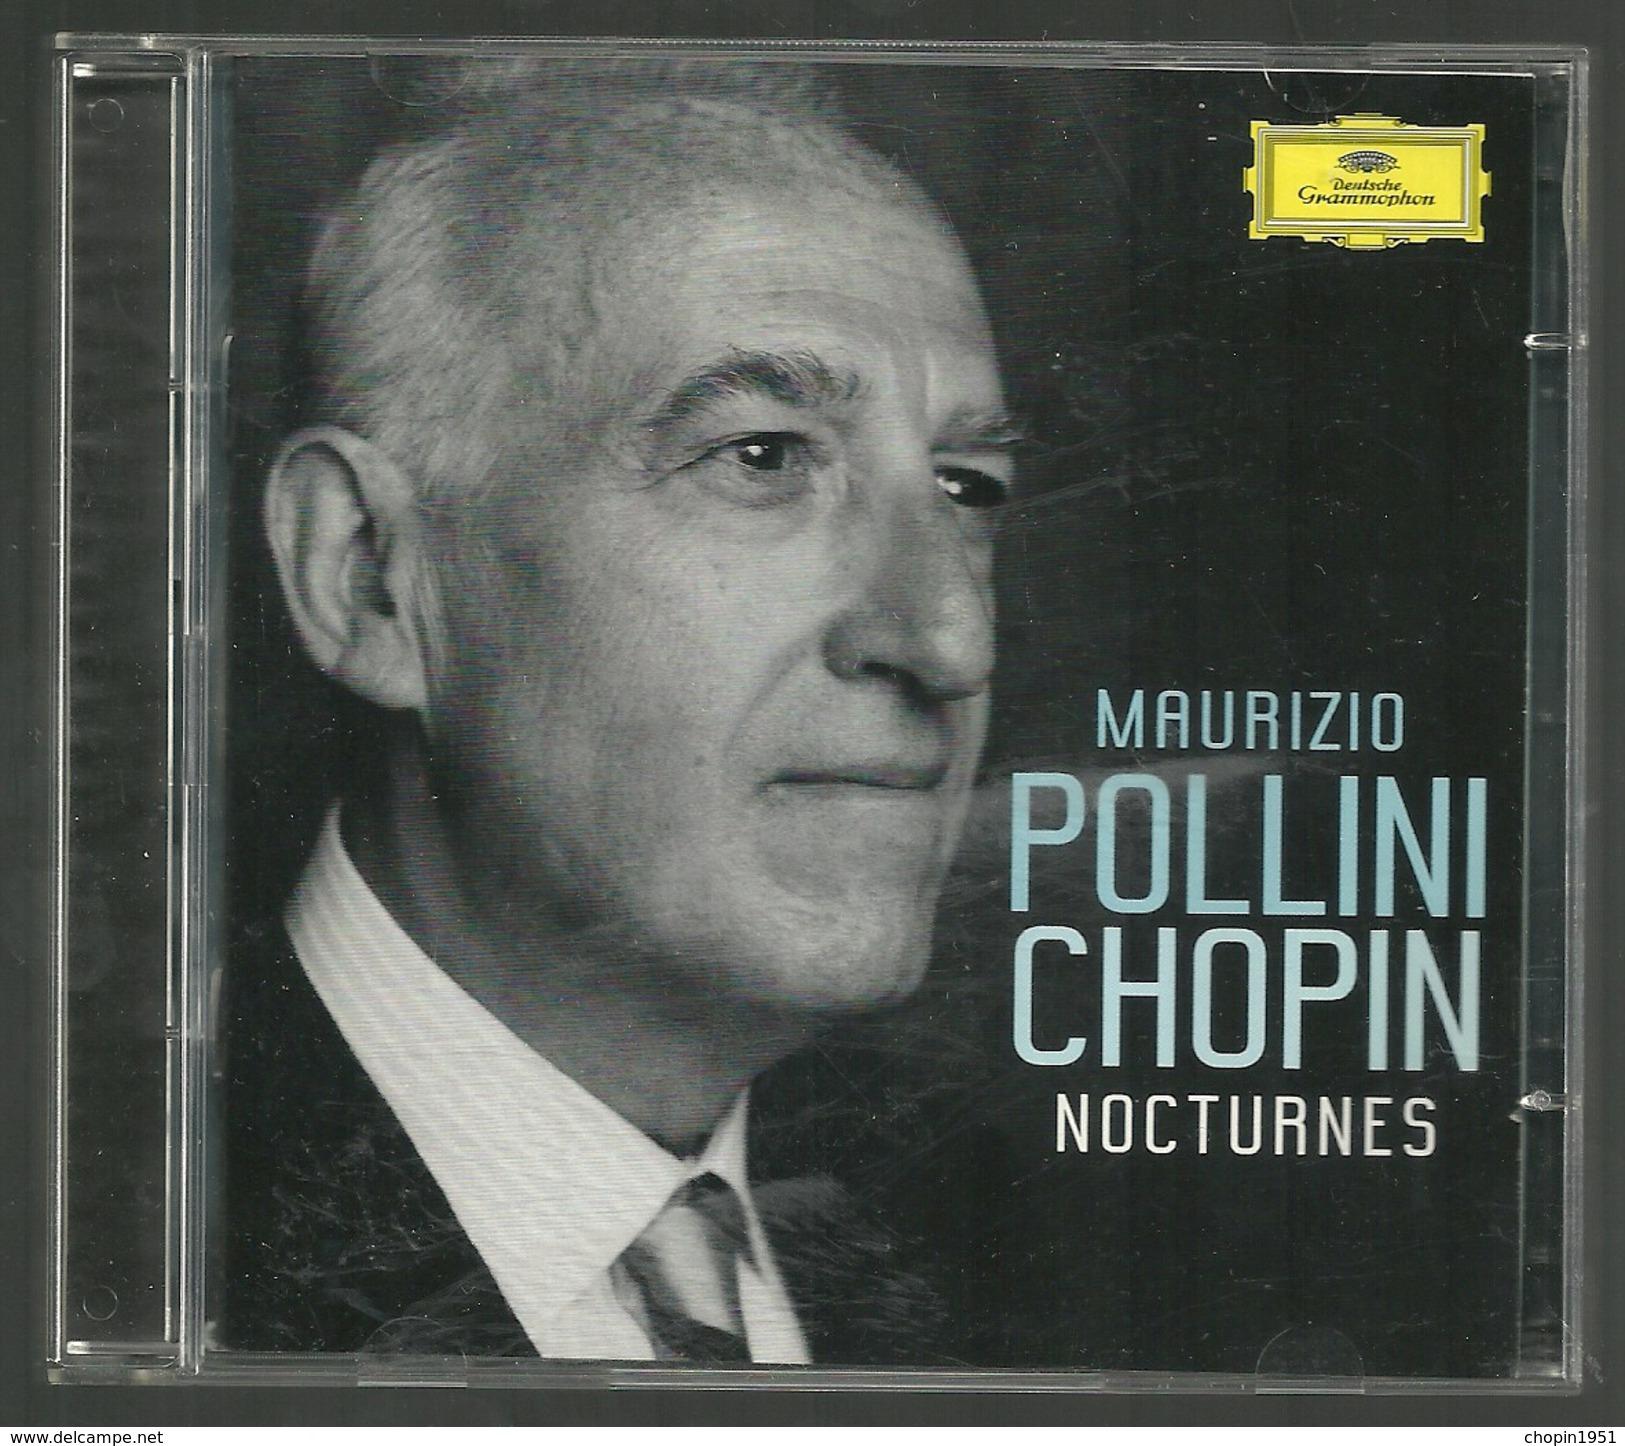 CD PIANO - CHOPIN : NOCTURNES (2 CD) - MAURIZIO POLLINI, Piano - Klassik